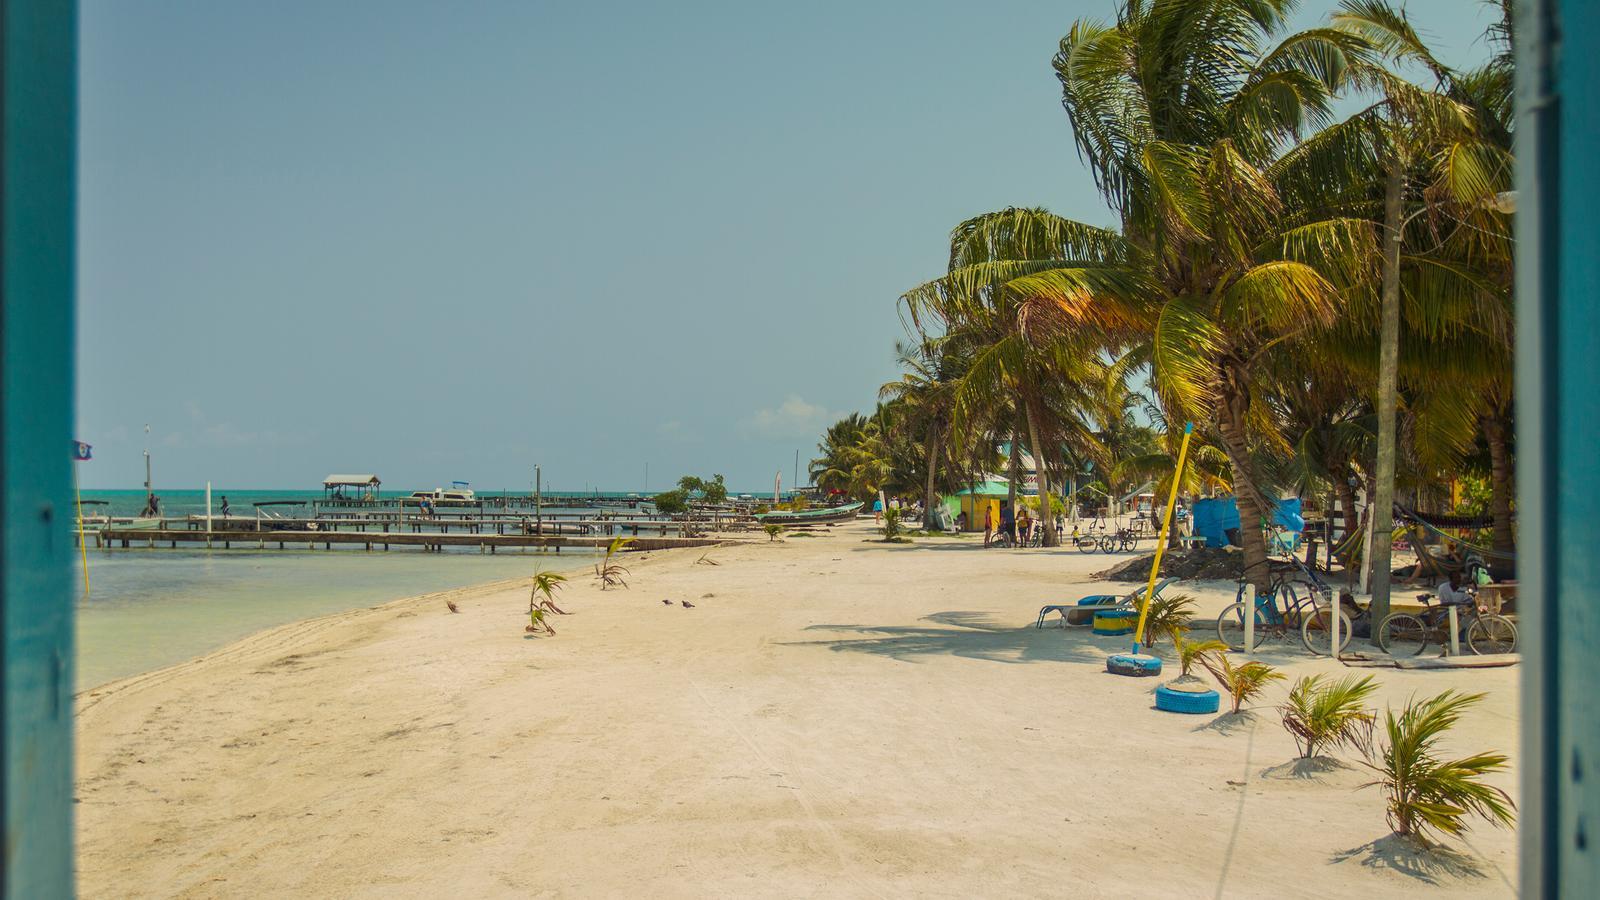 Mittelamerika Reise für junge Leute in der Gruppe Mexiko Belize Guatemala preiswert reisen traveljunkies